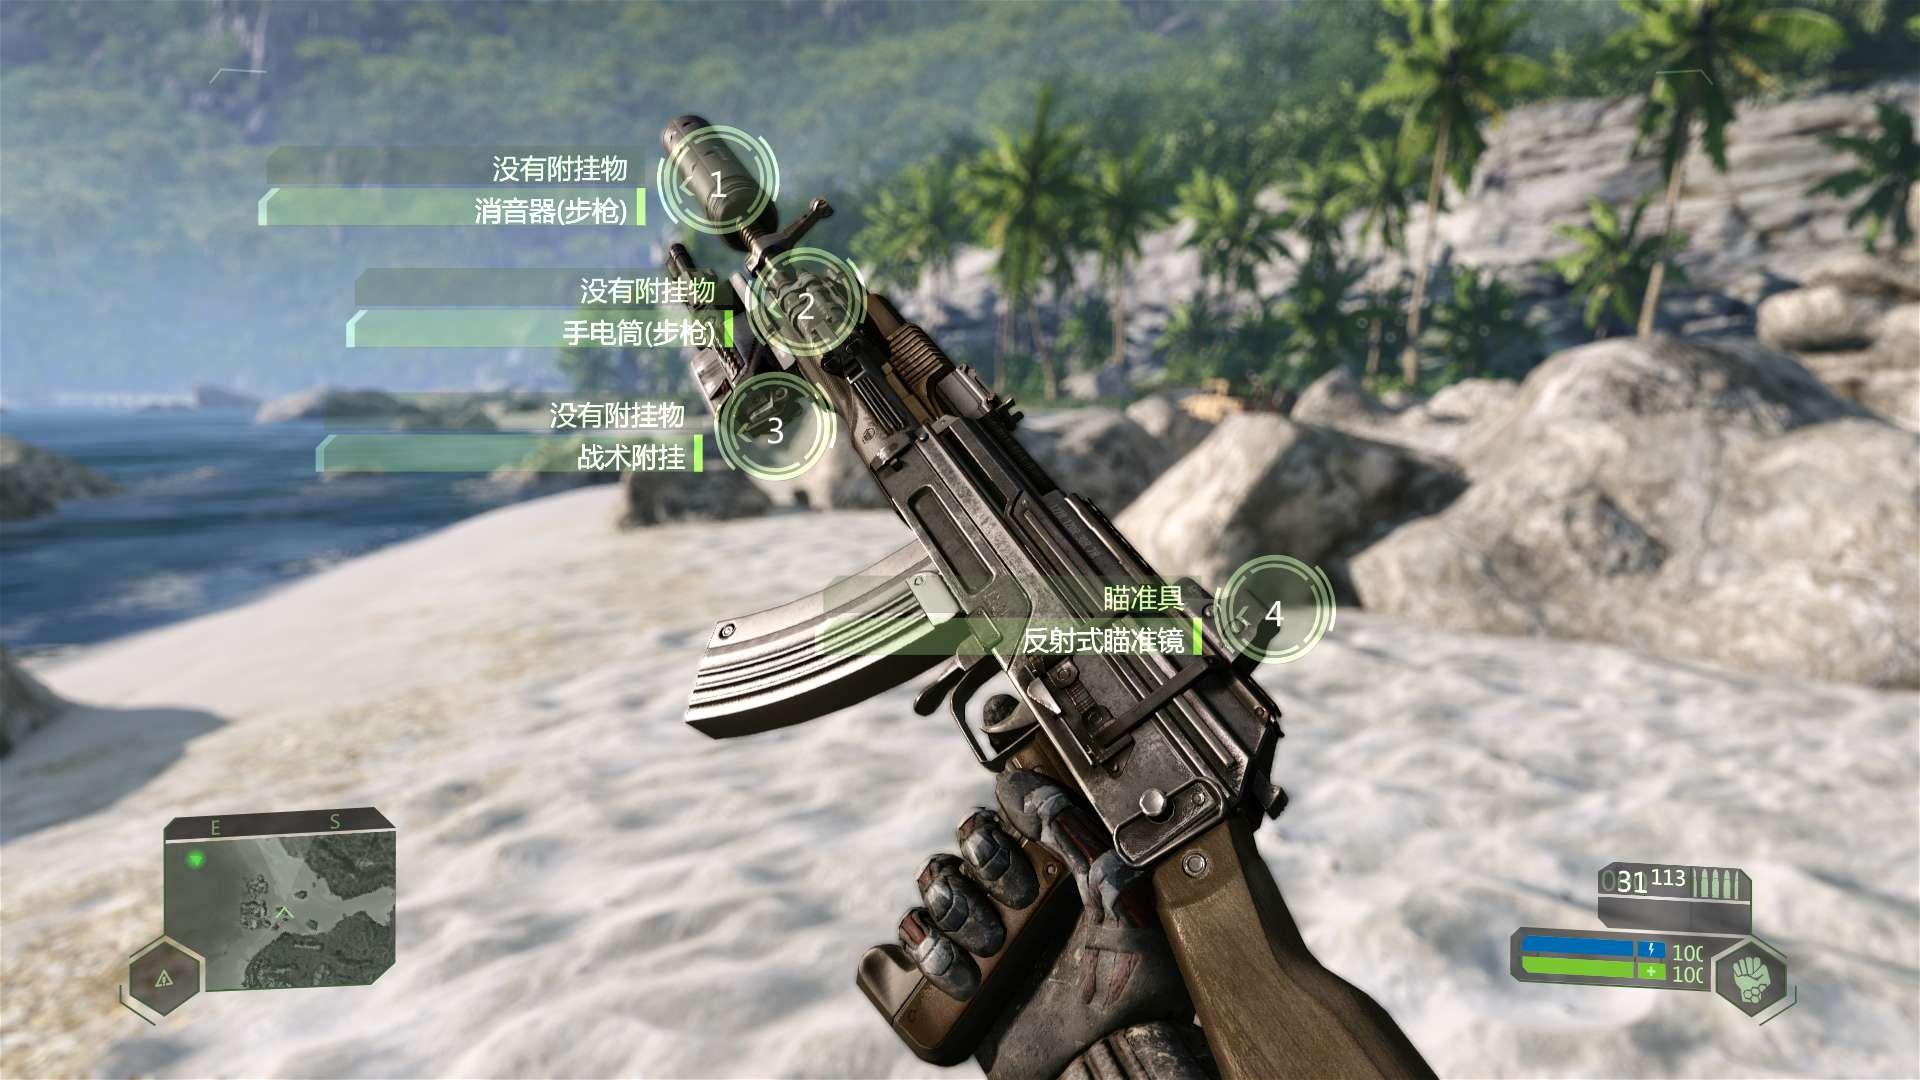 《孤岛危机:重制版》评测:你的显卡又有危机了